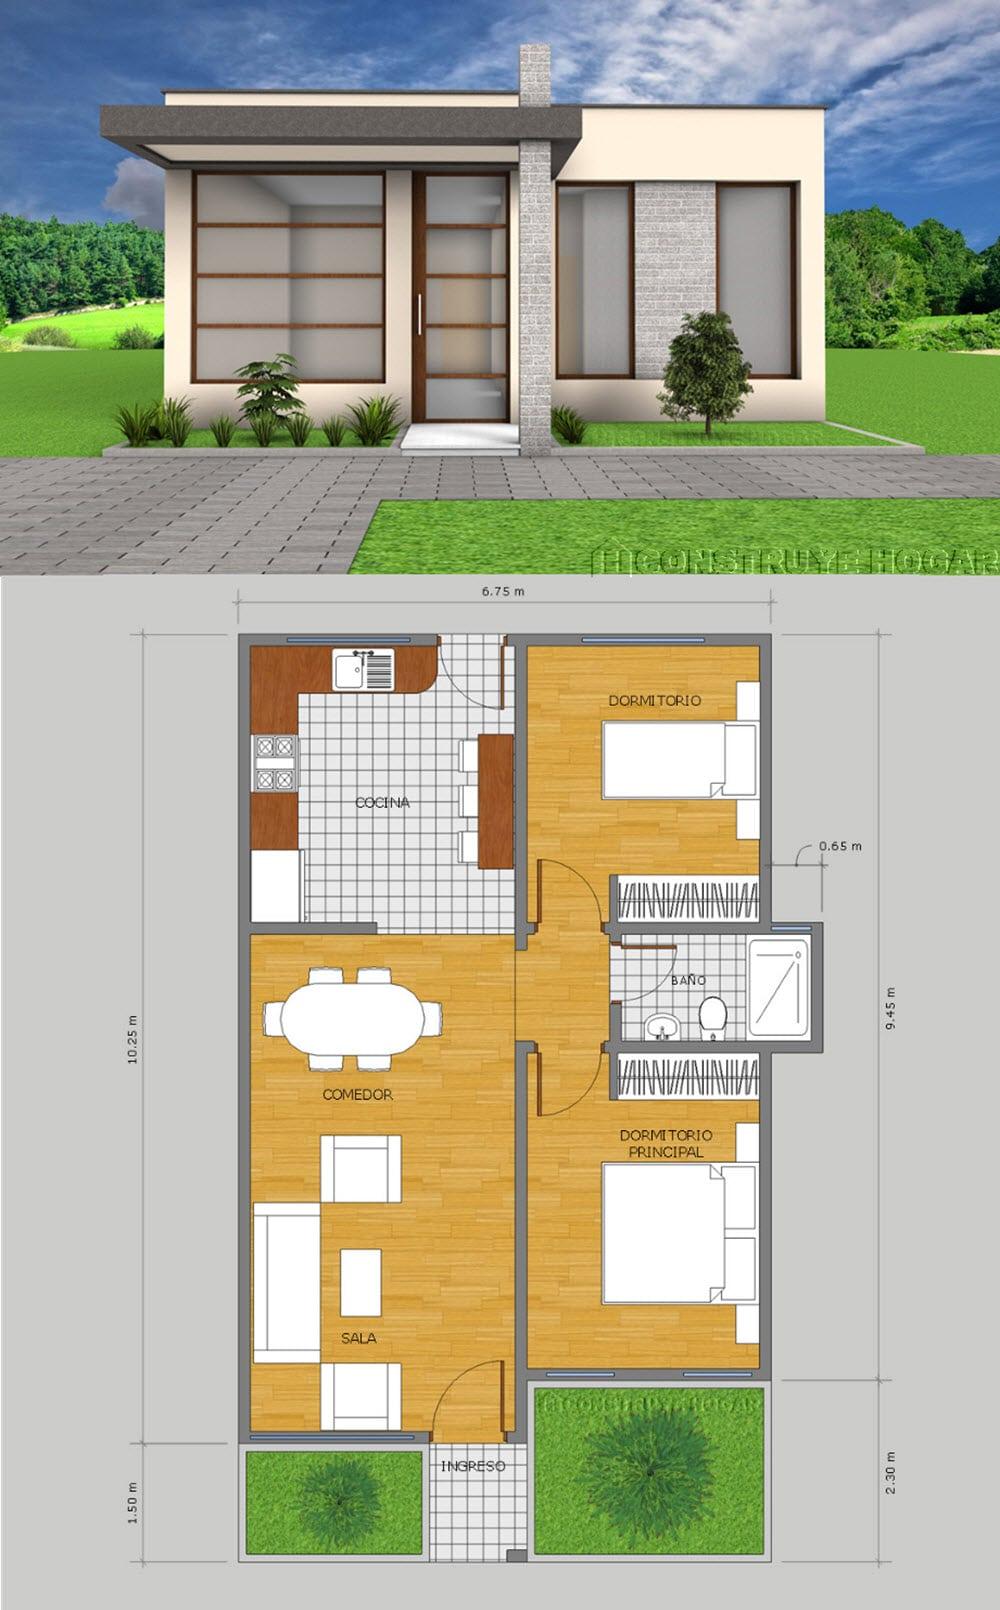 Planos De Casas Ideas De Dise O Para Construir